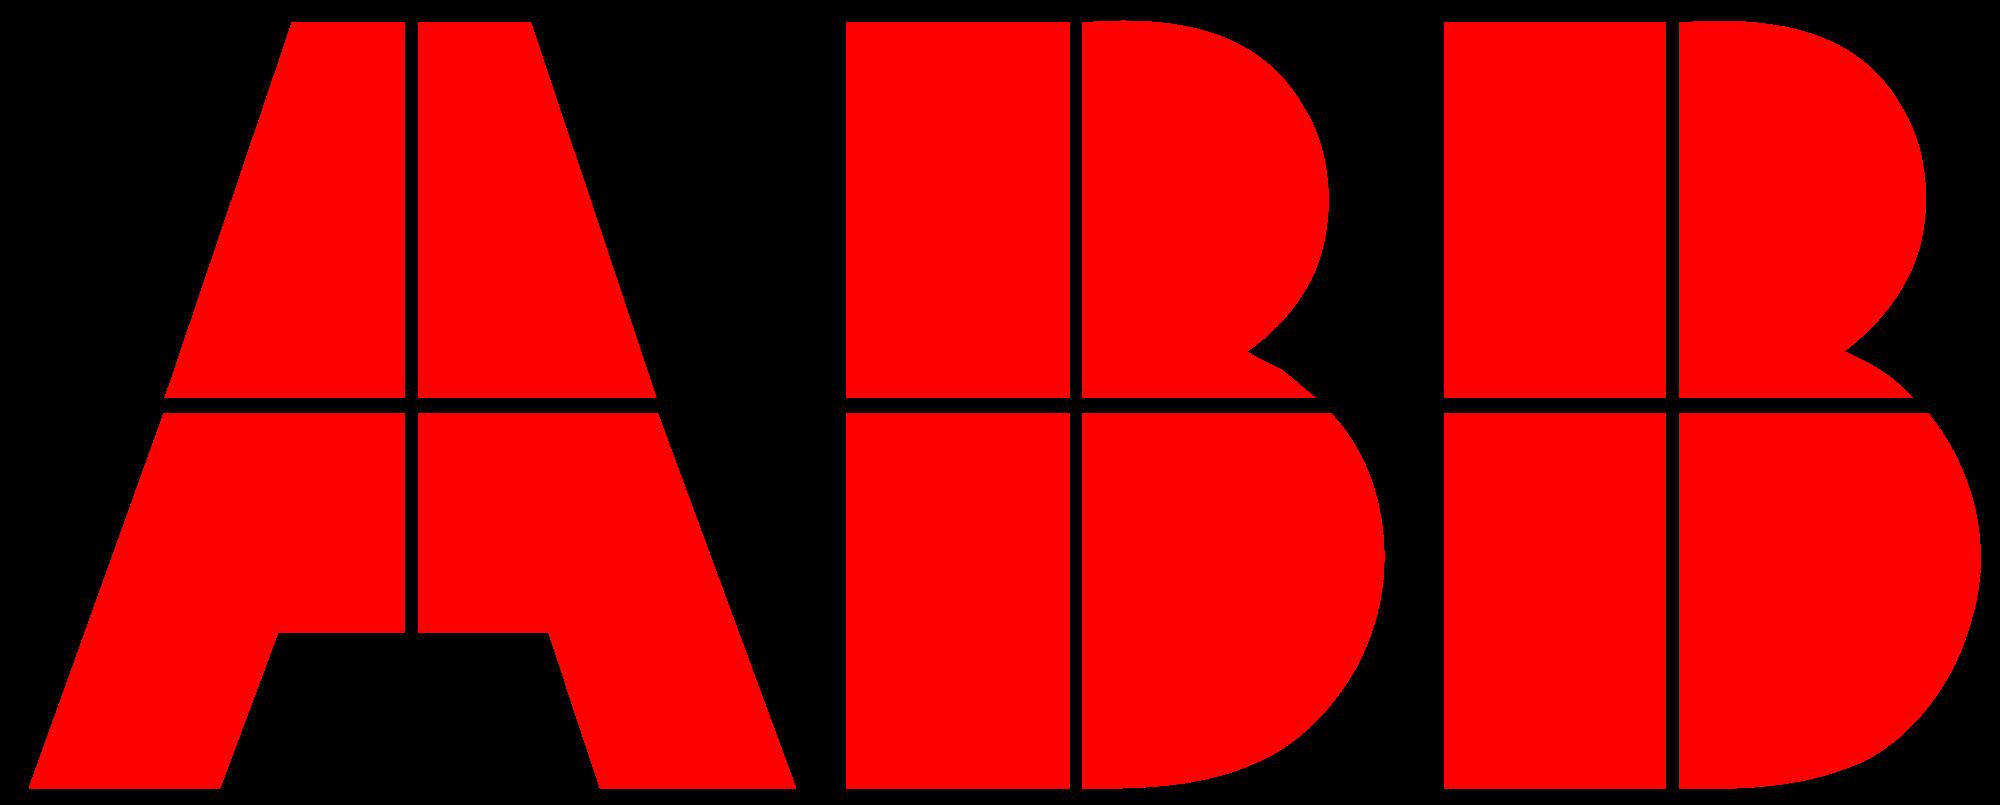 ABB Logo HD Wallpaper - TỤ BÙ PHẢN KHÁNG | BÙ TRUNG THẾ MVC